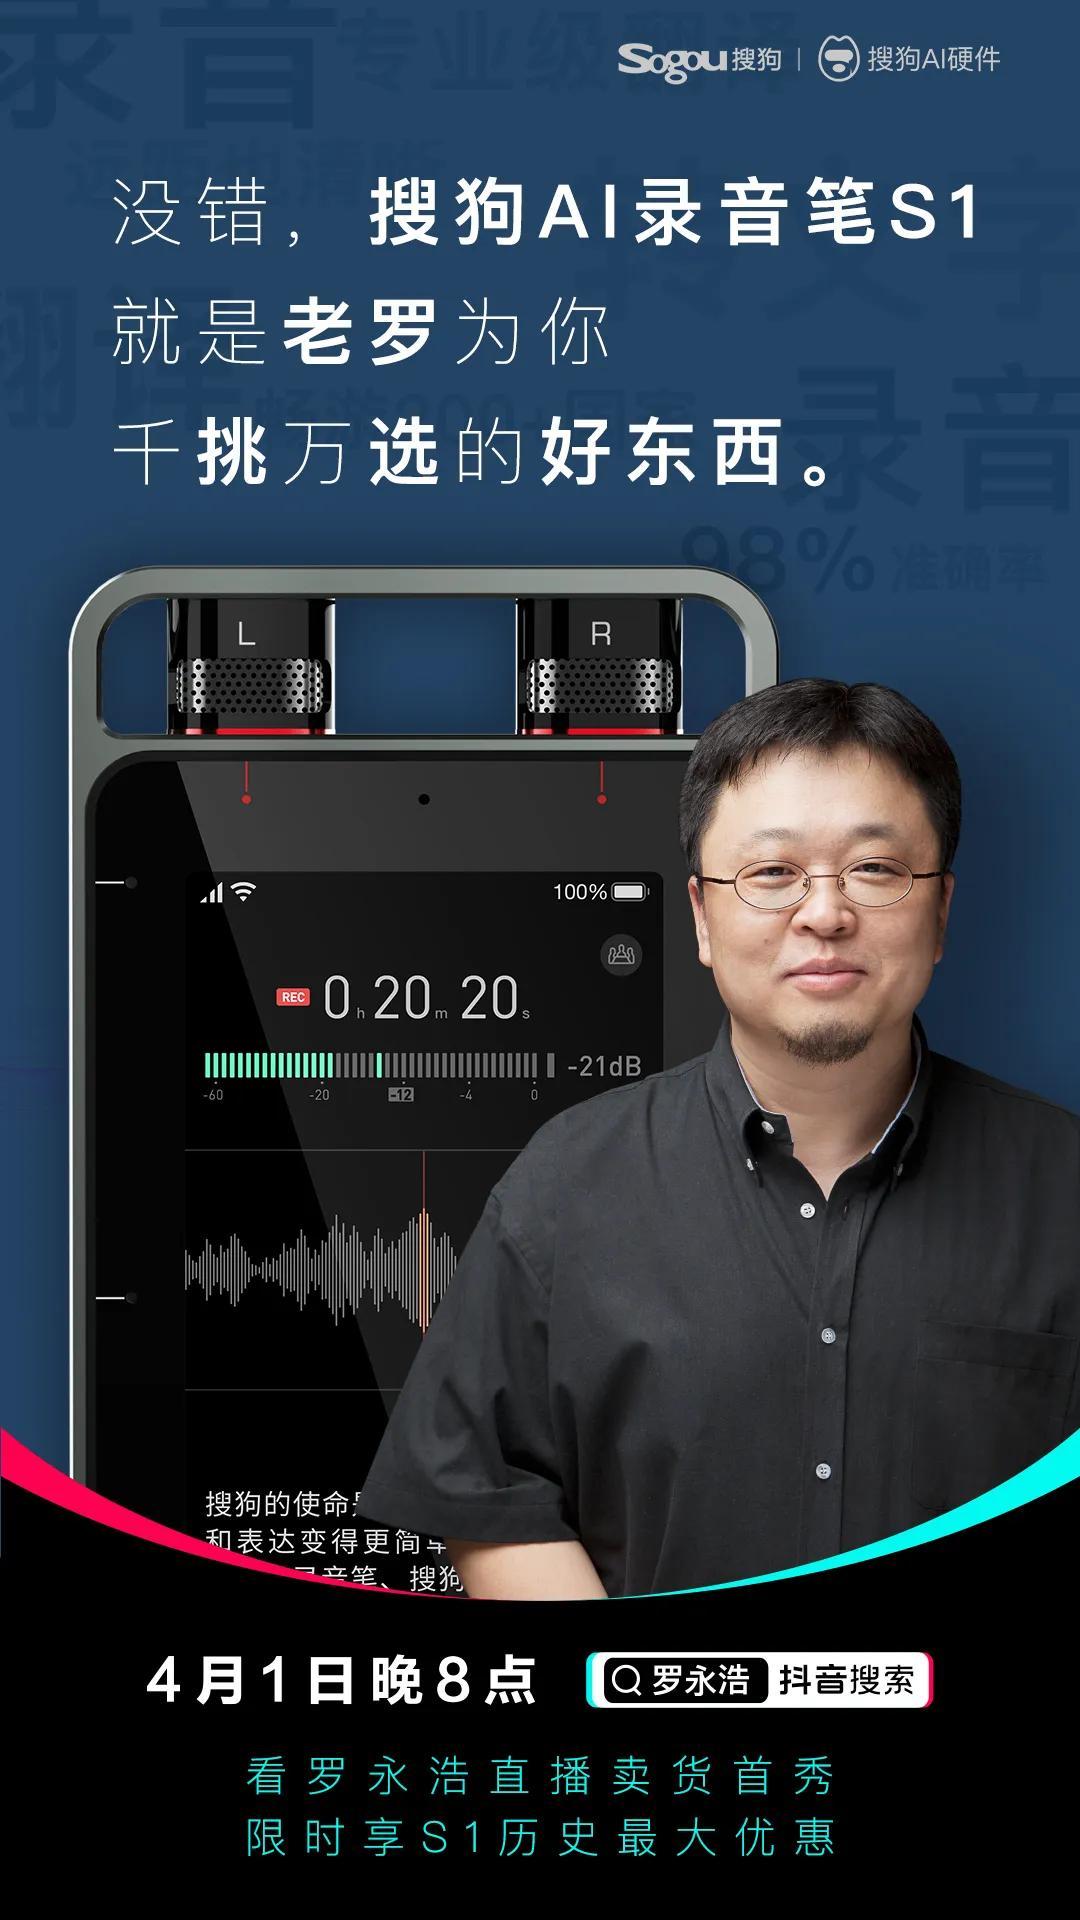 罗永浩首秀直播带货搜狗AI录音笔S1,明晚一起见证历史时刻。